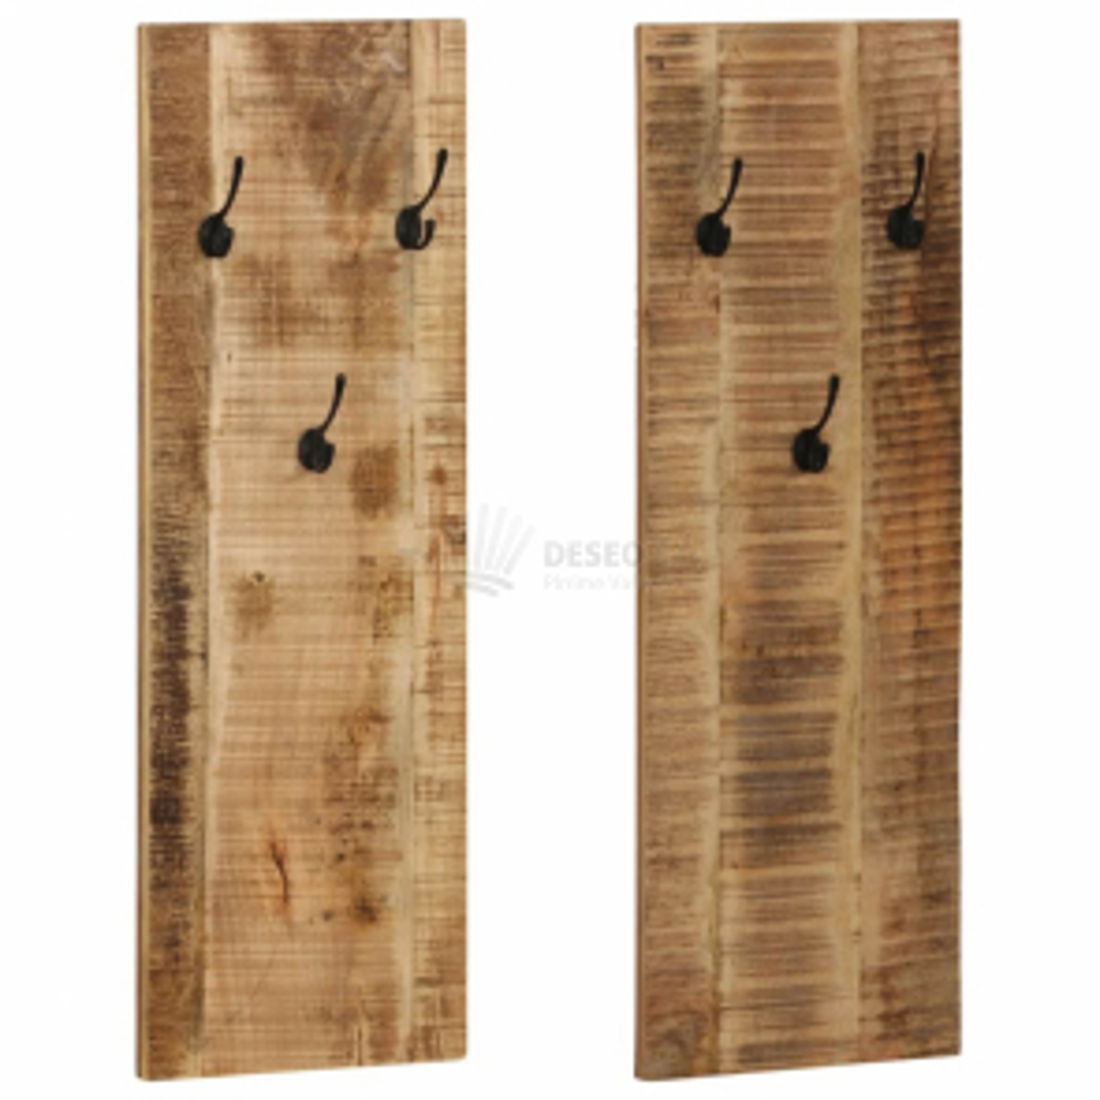 Nástěnný věšák 2 ks masivní mangovníkové dřevo 36 x 110 x 3 cm [246025]